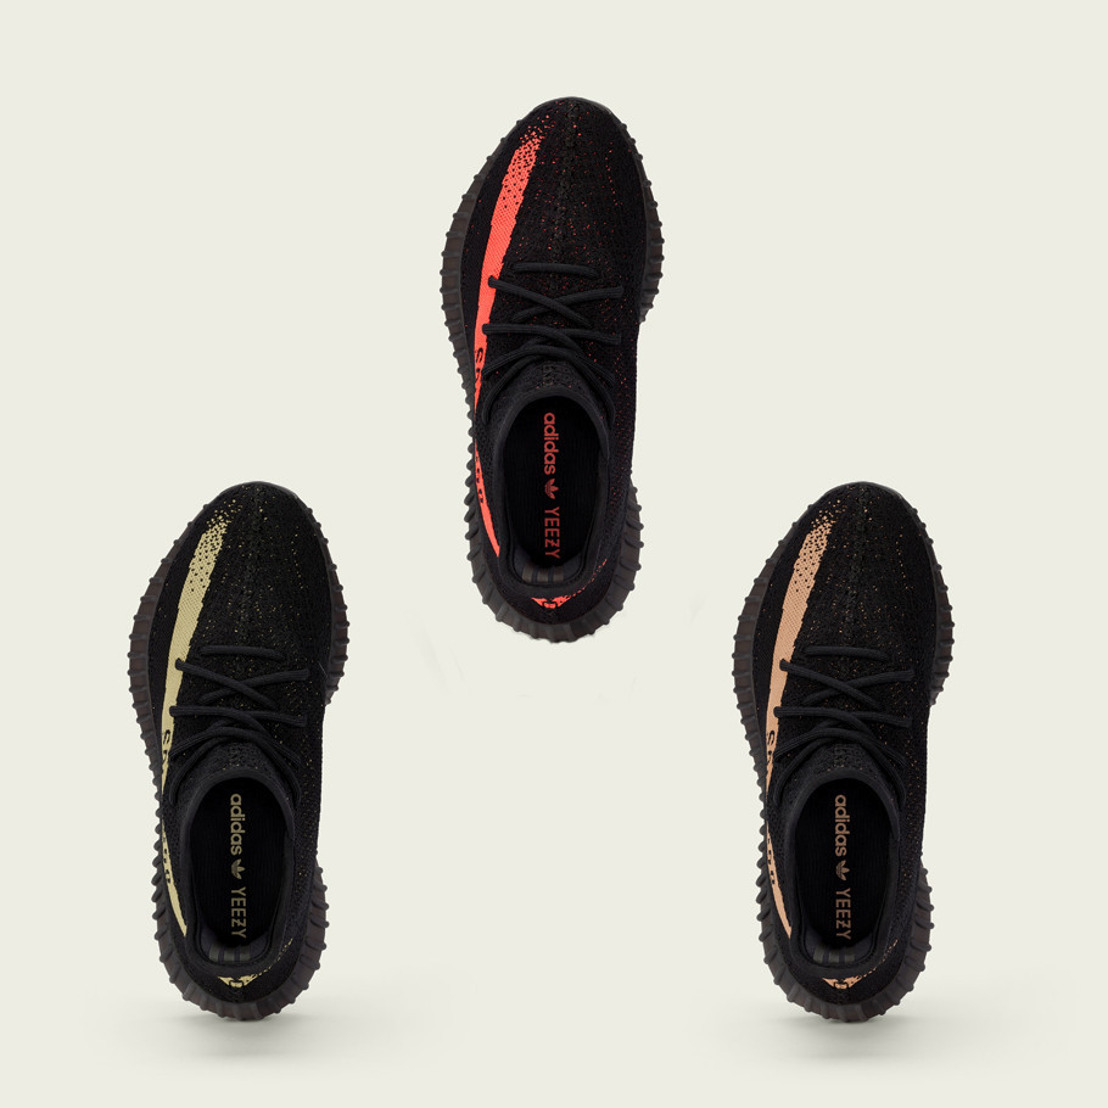 adidas + Kanye West lanzan tres estilos de YEEZY BOOST 350 V2 al mismo tiempo